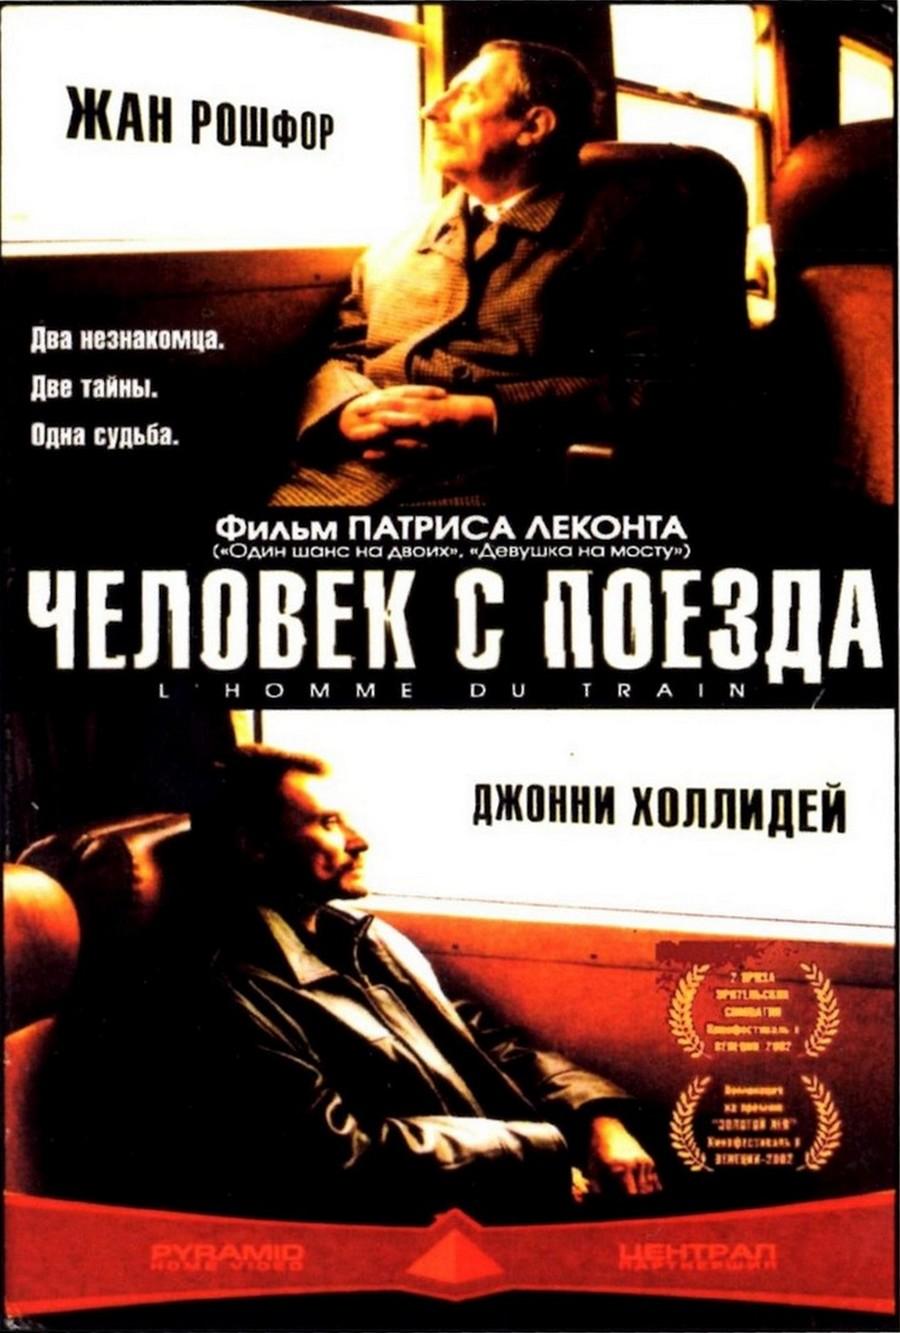 LES FILMS DE JOHNNY 'L'HOMME DU TRAIN' 2002 363_0010